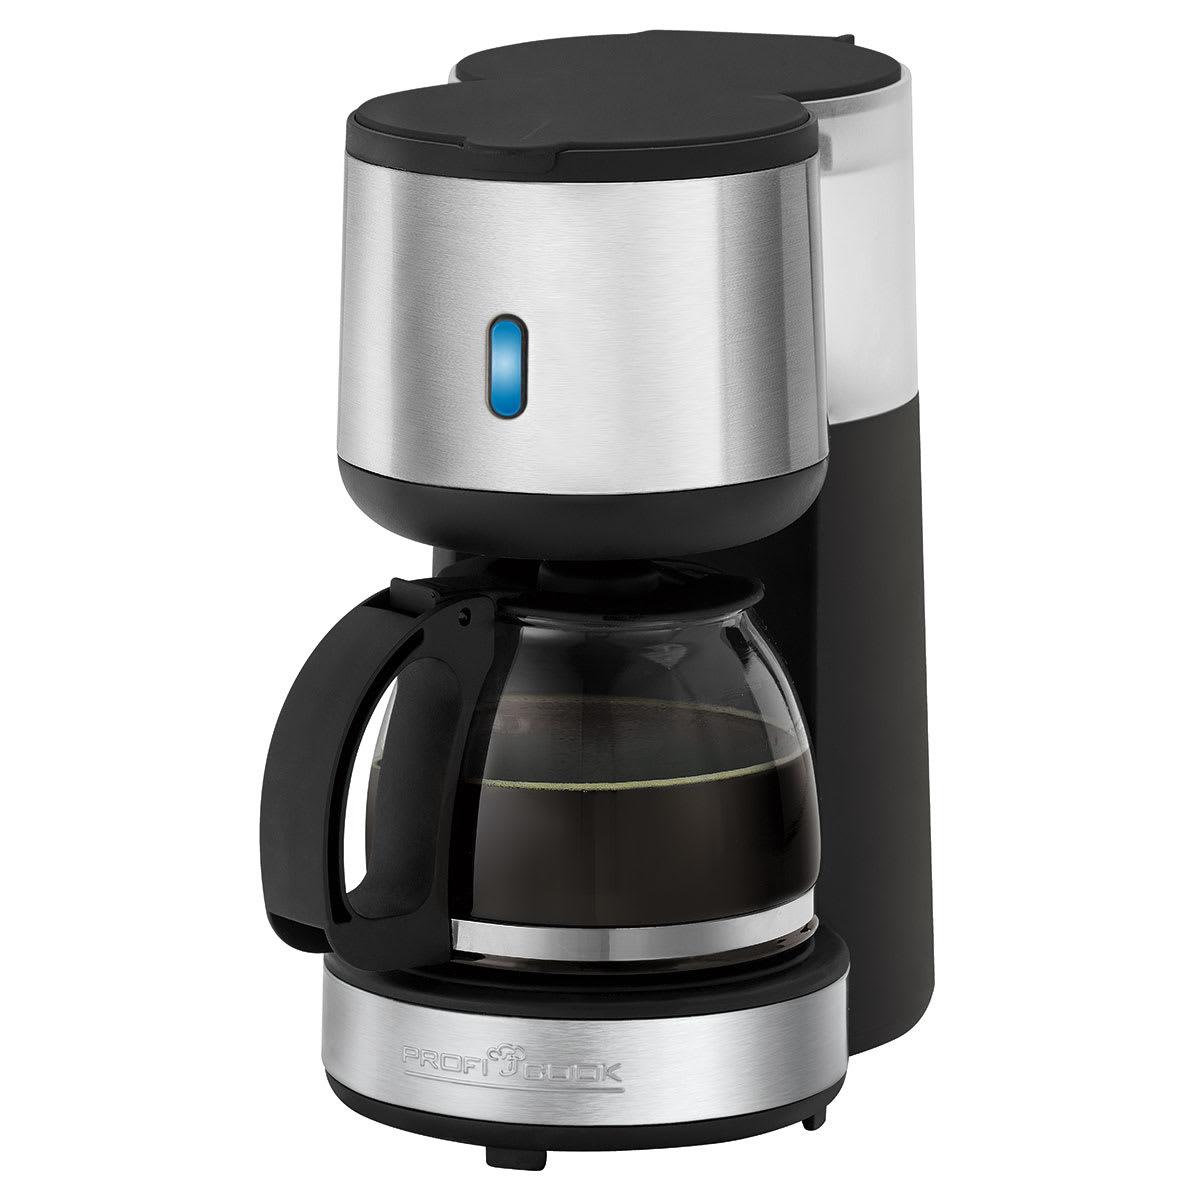 Pladsbesparende kaffemaskine til mindre køkkener